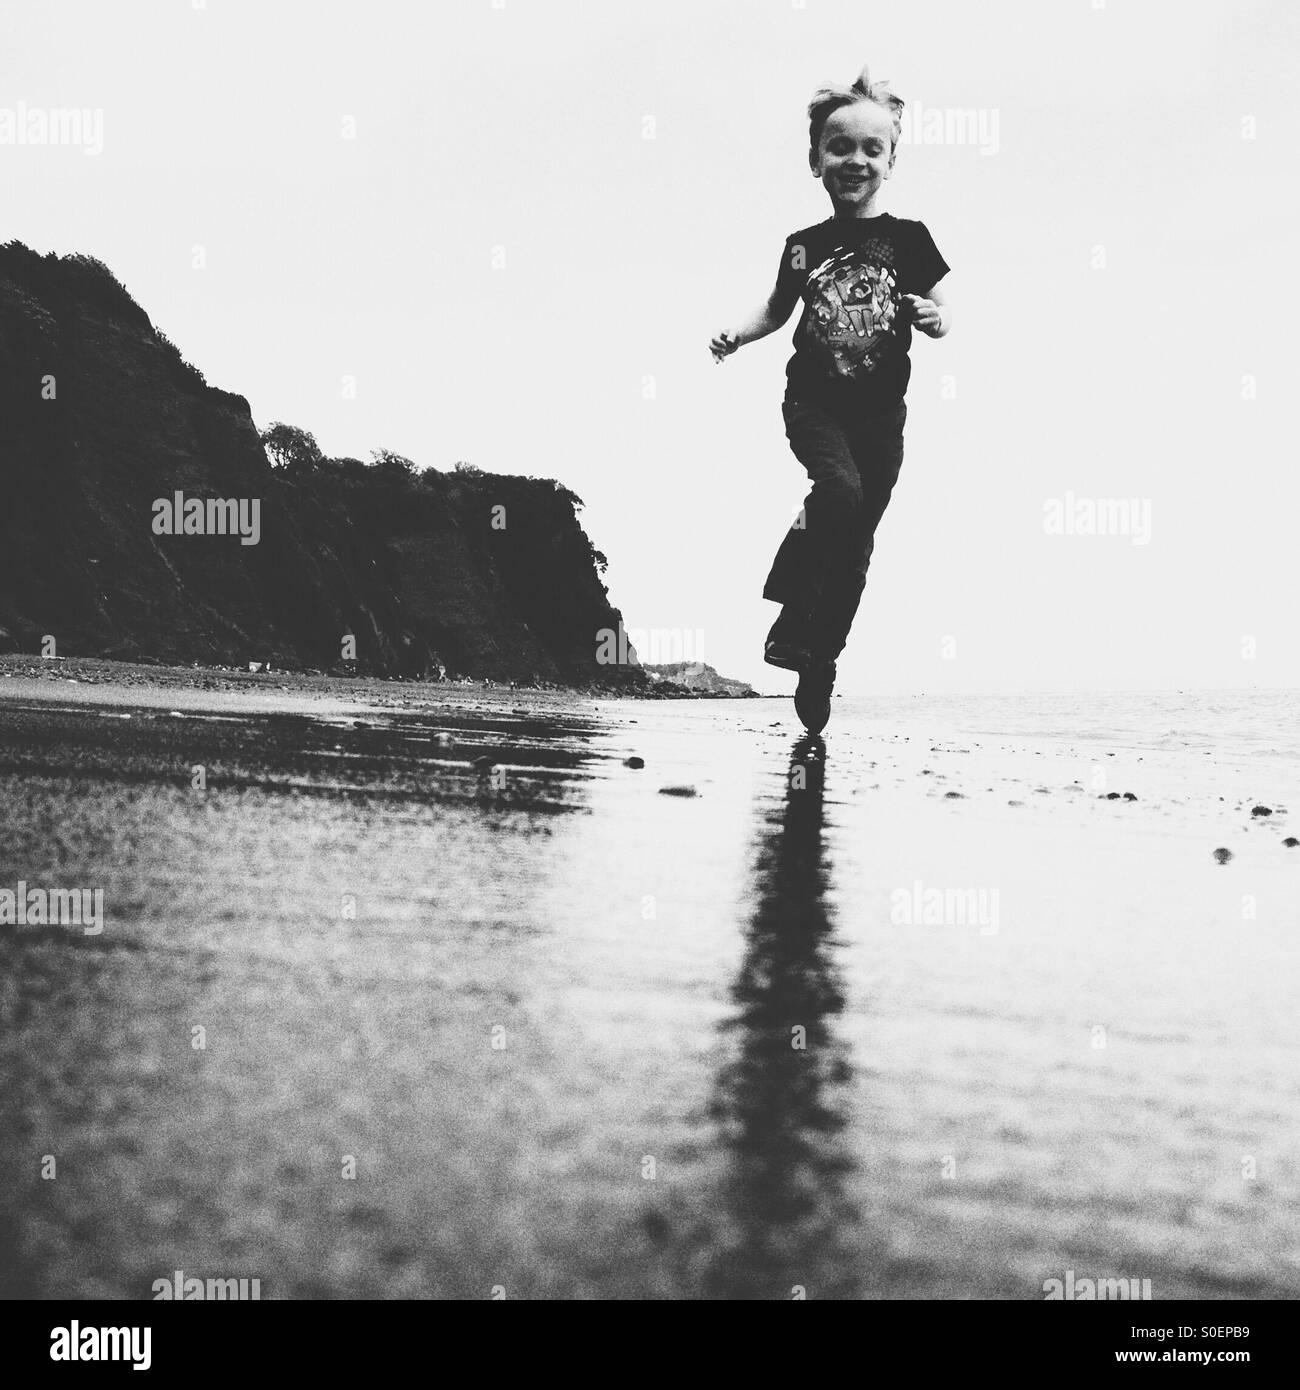 Ragazzo in esecuzione su una spiaggia Immagini Stock